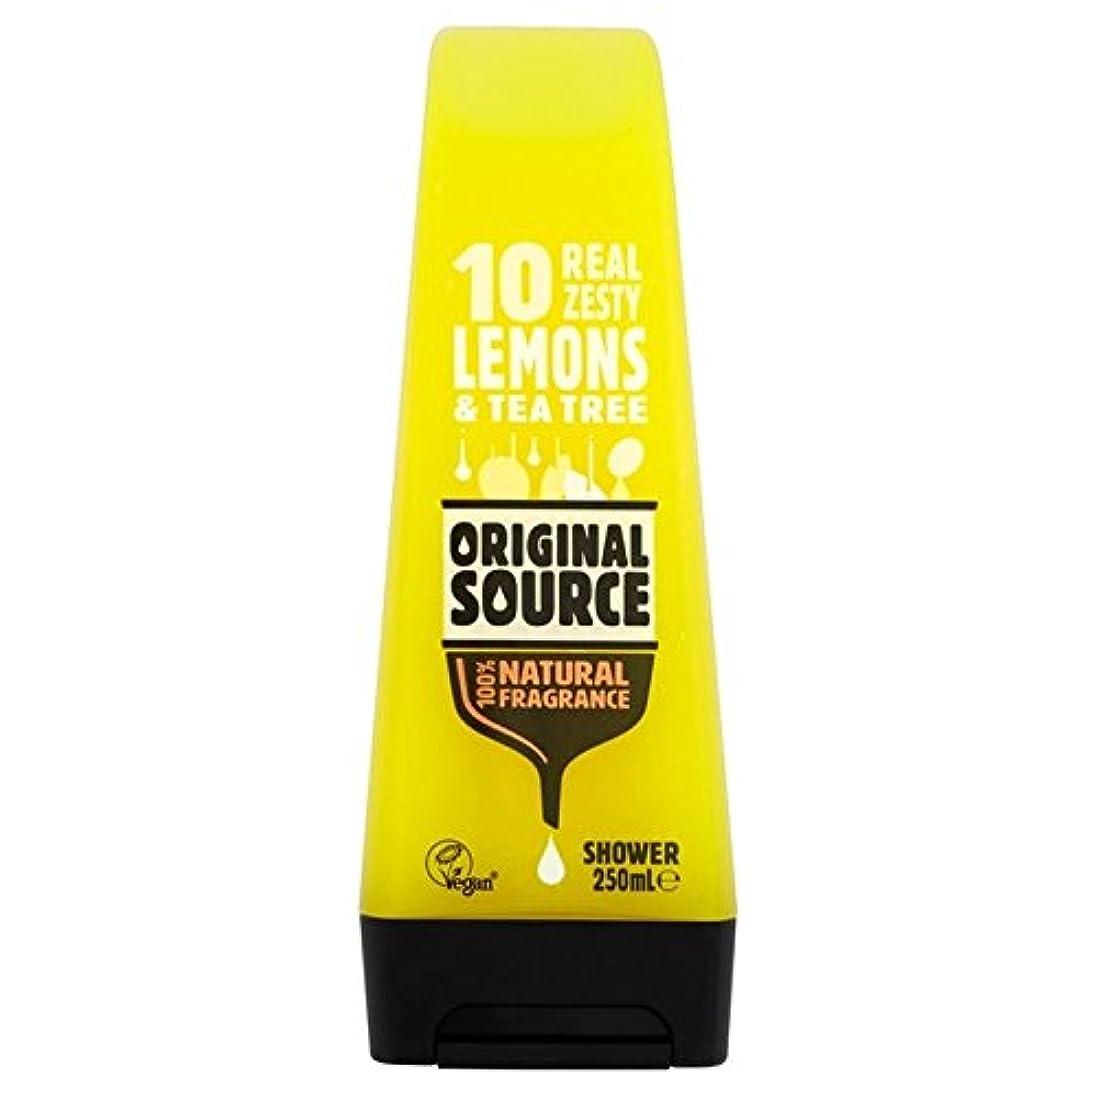 劇場有限教室元のソースのレモンシャワージェル250ミリリットル x4 - Original Source Lemon Shower Gel 250ml (Pack of 4) [並行輸入品]